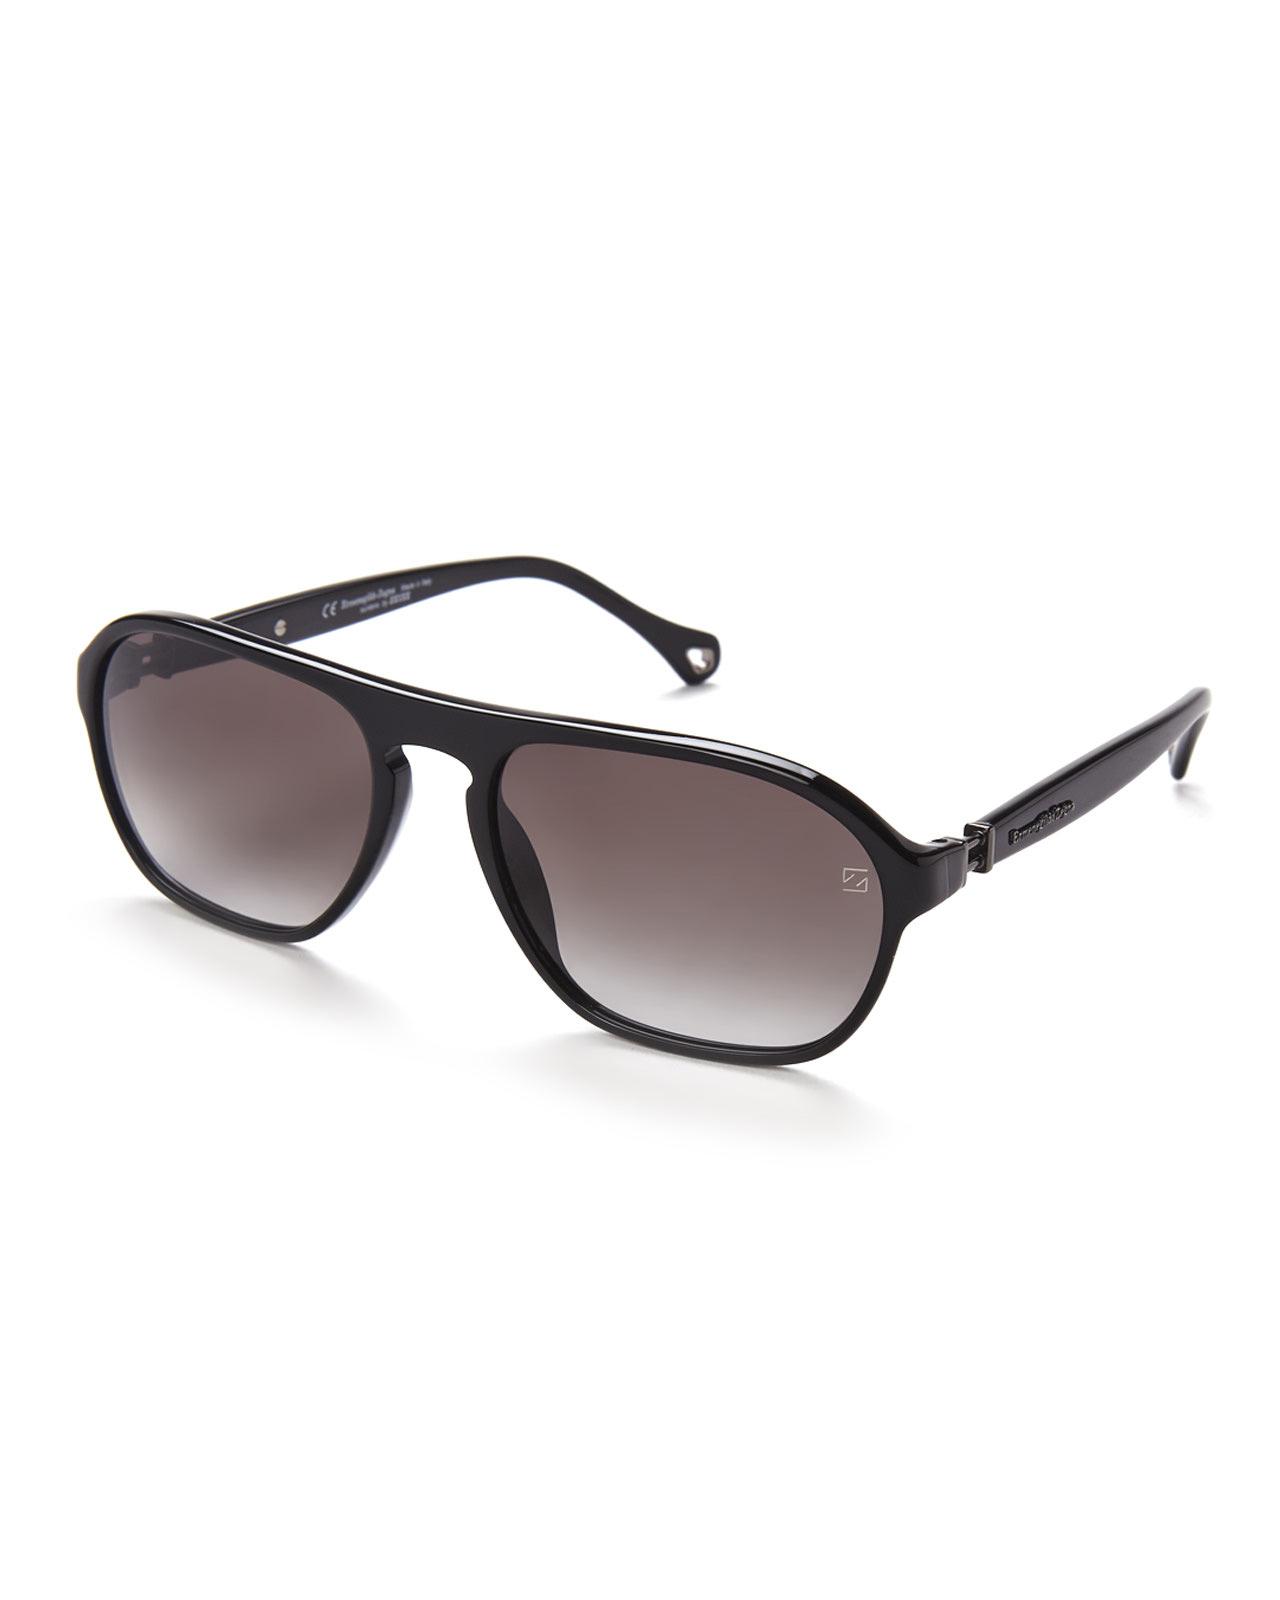 68e4cd5553e8 Ermenegildo Zegna Men s Polarized Aviator Sunglasses - Bitterroot ...